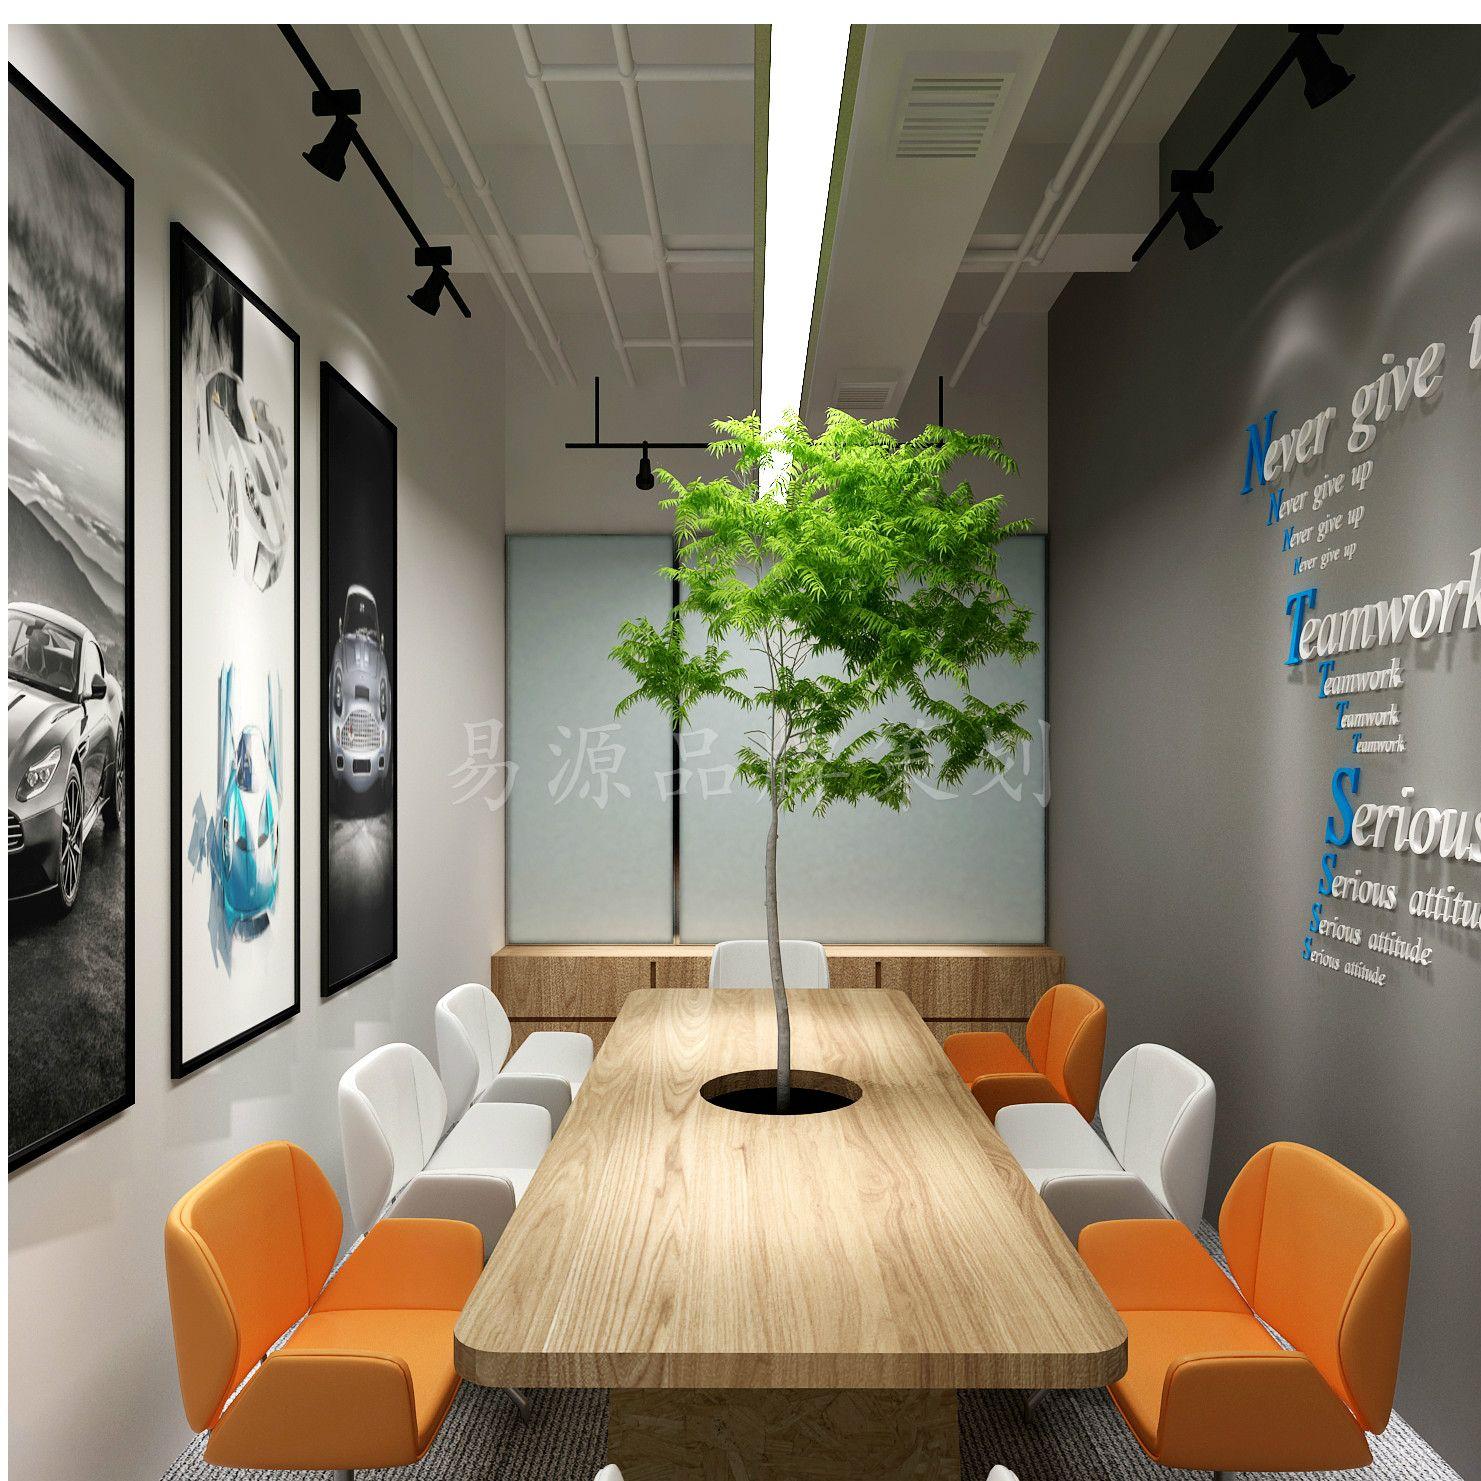 会议室设计|新奇特会议室设计案例